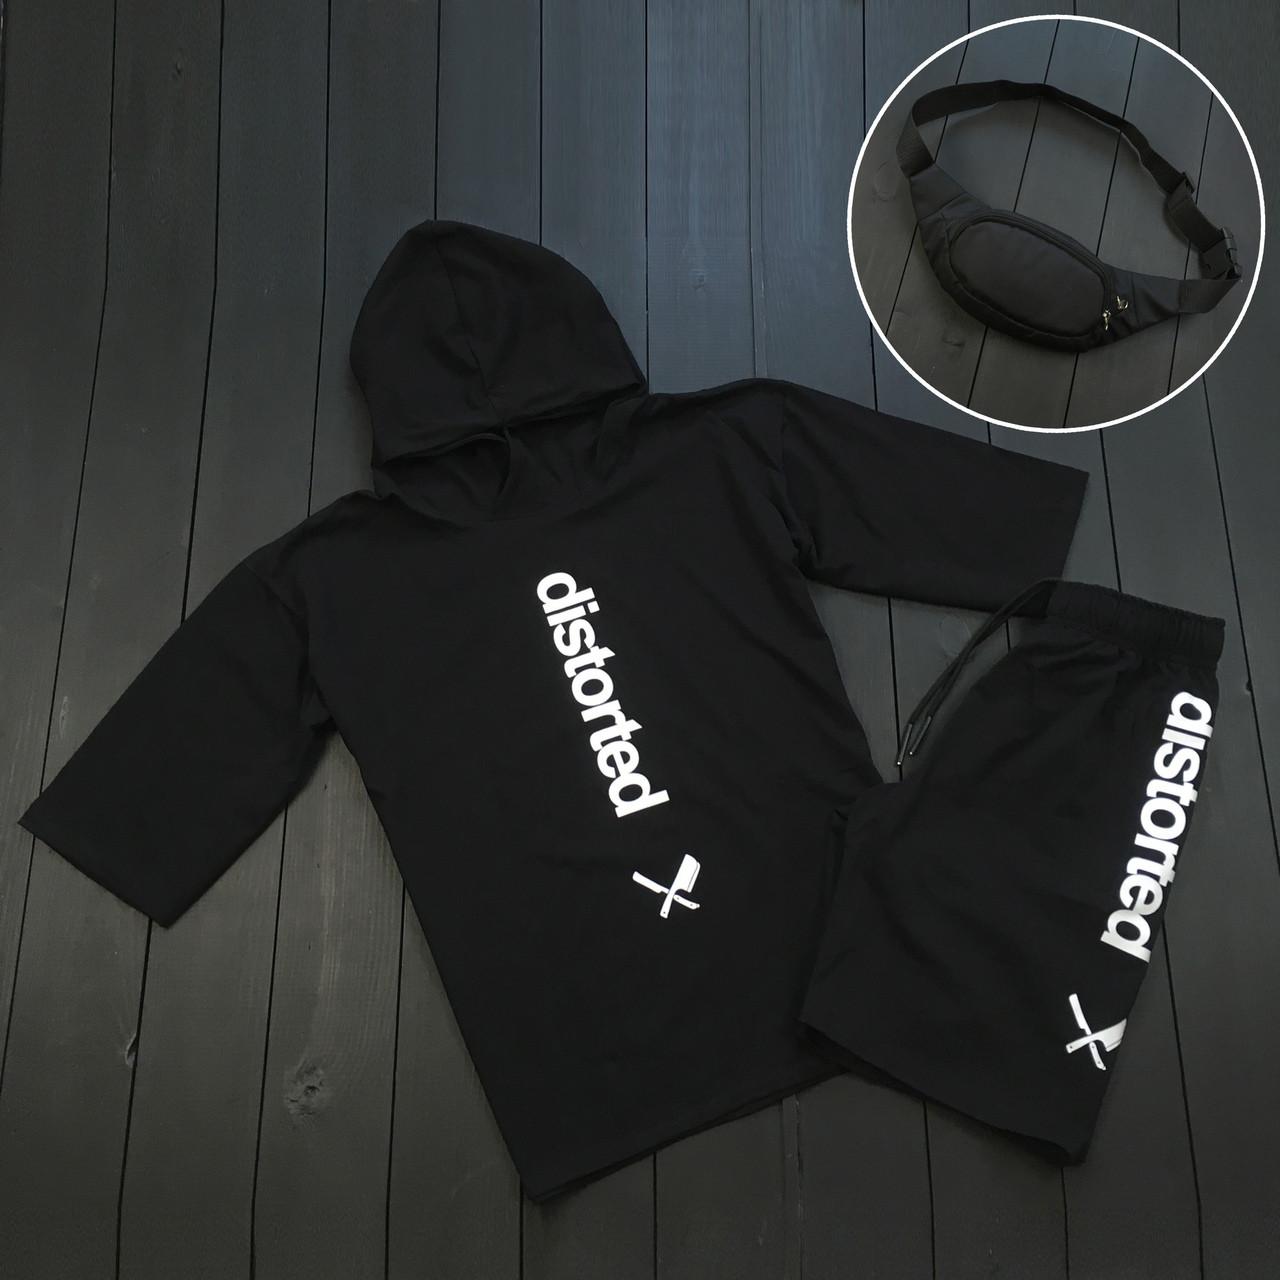 Мужская футболка шорты, спортивный костюм мужской летний черный + барсетка